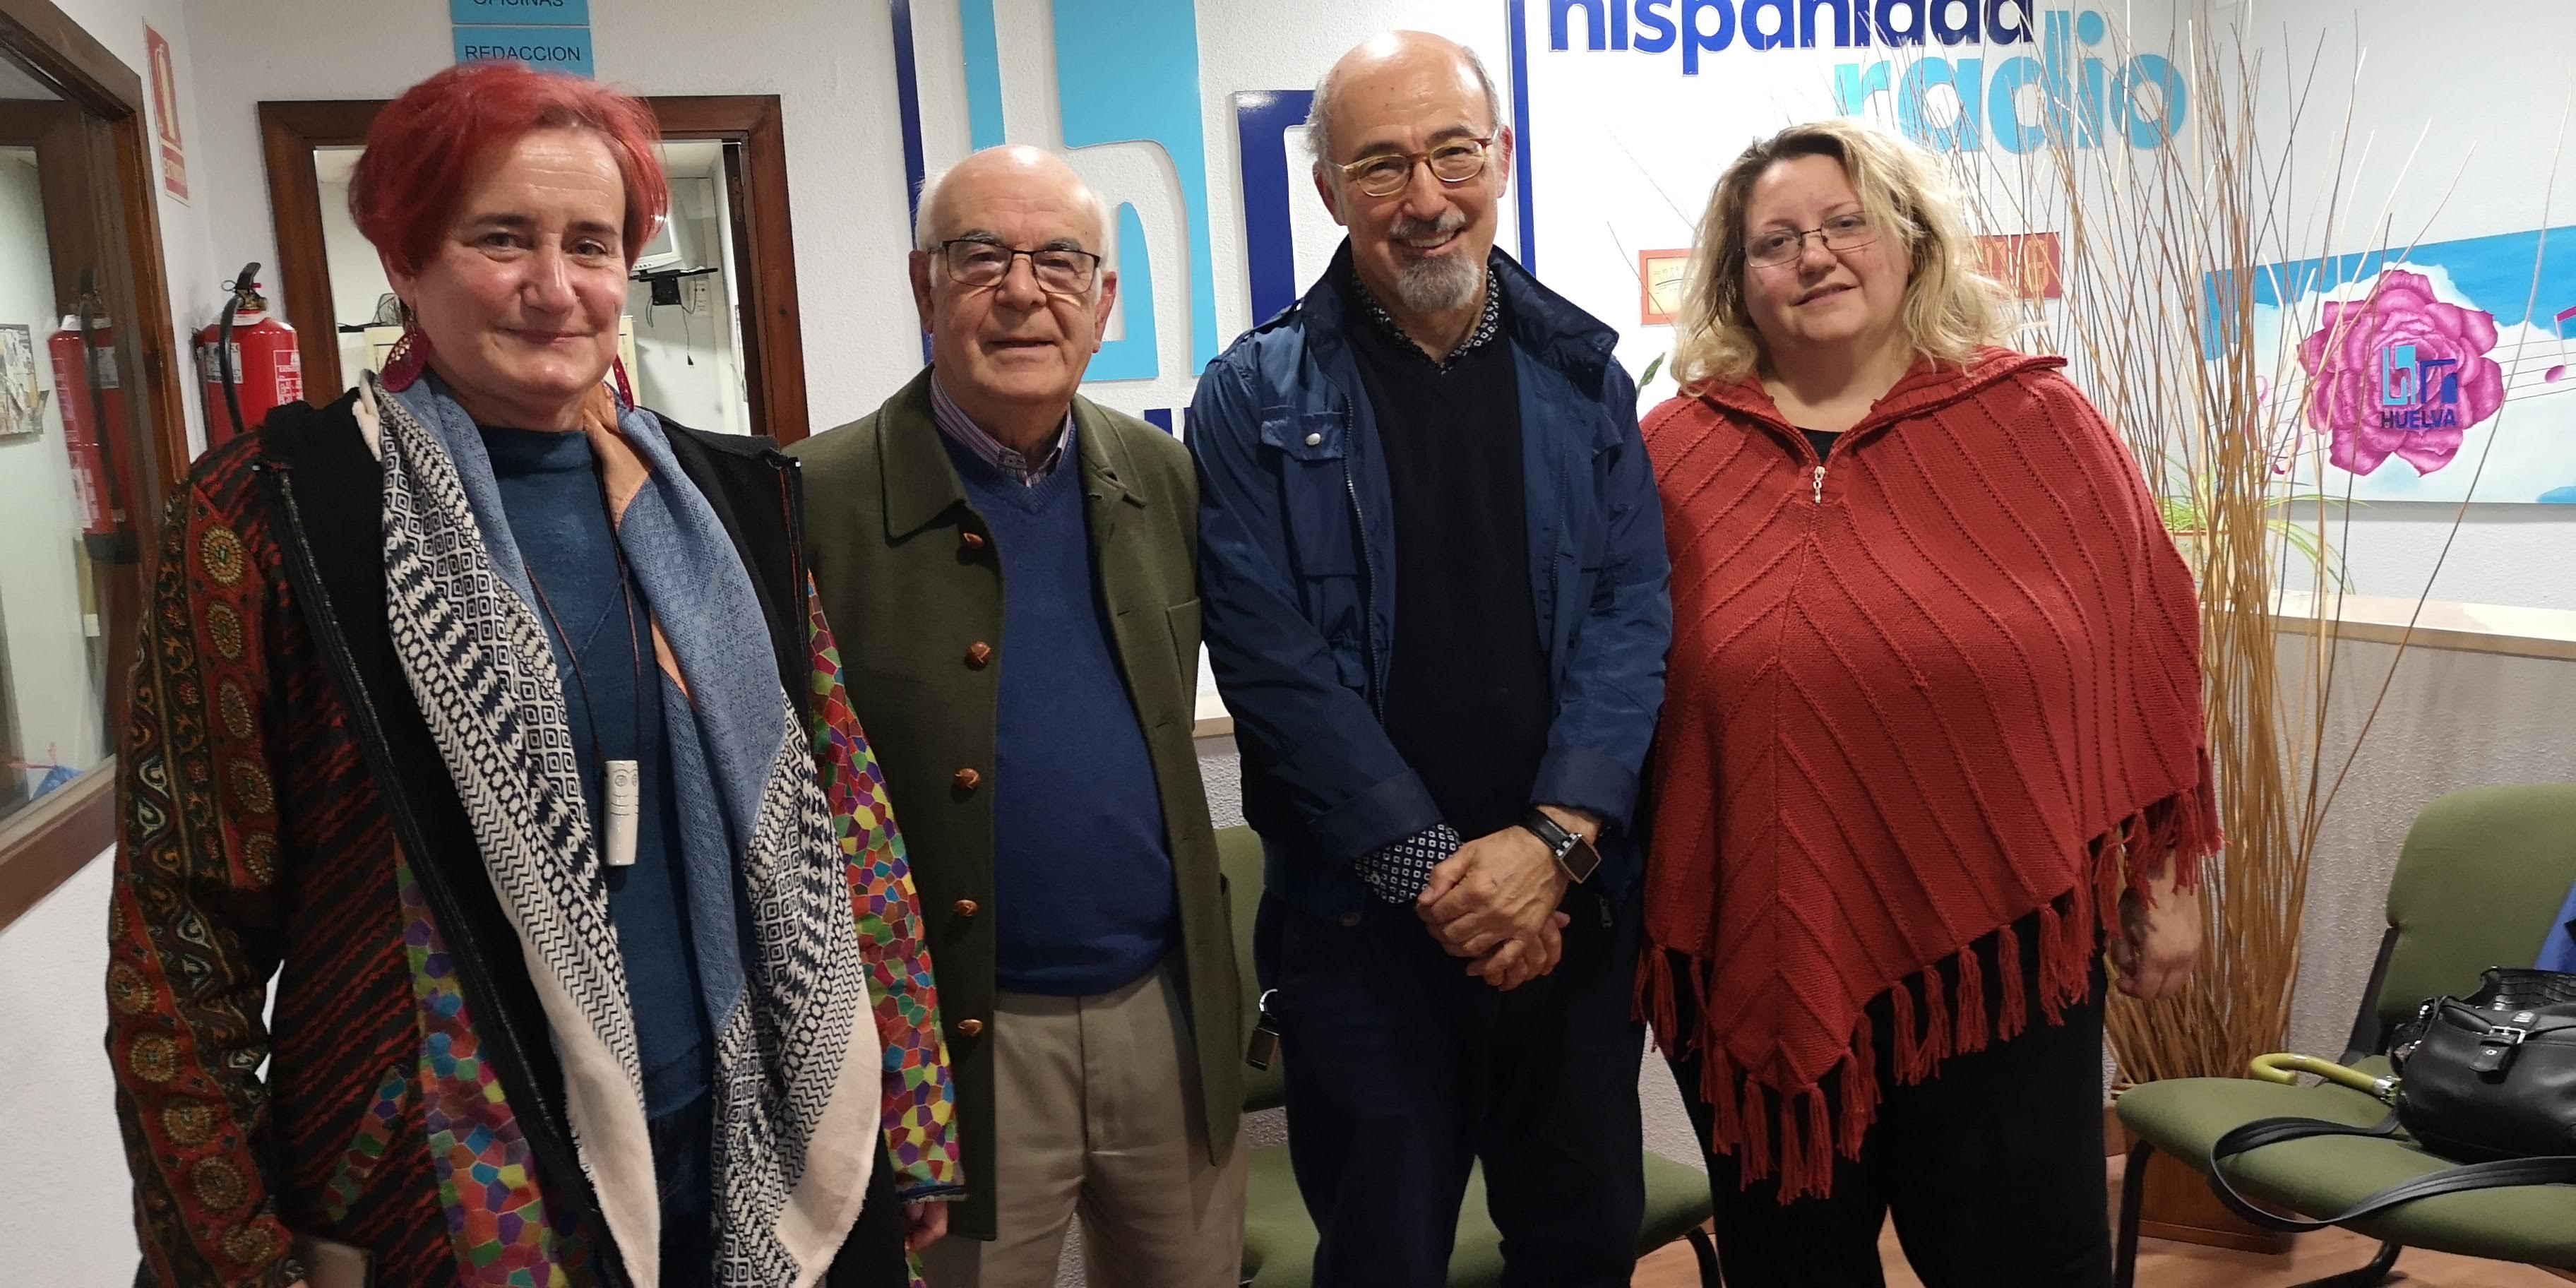 De Pueblo a Pueblo 23-10-2019 Cabezos y Arqueología de Huelva